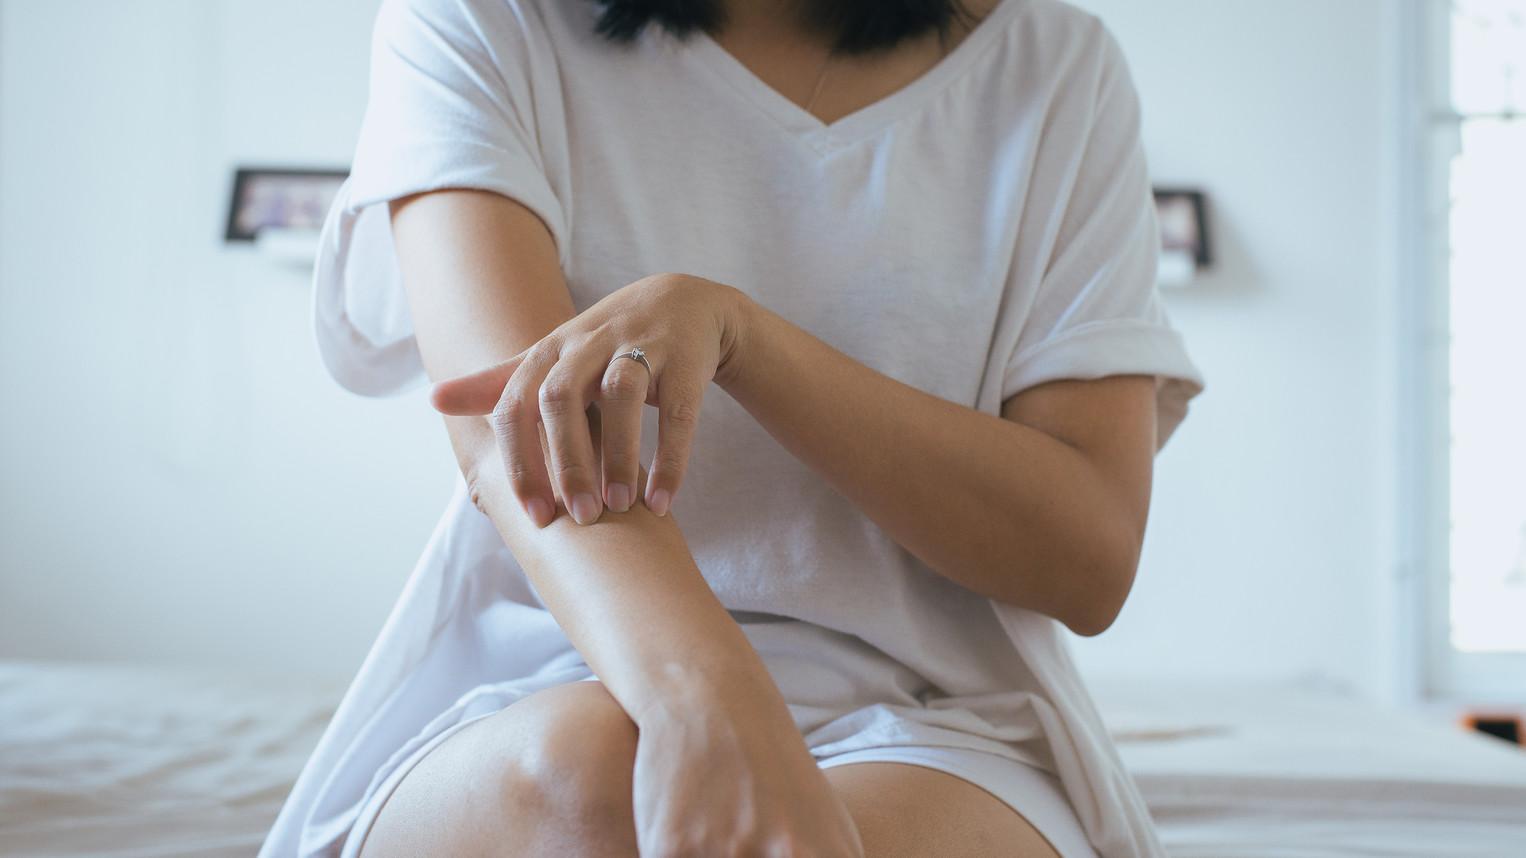 pikkelysömör gyógyítható badamival hogyan lehet eltávolítani a lábán egy piros foltot